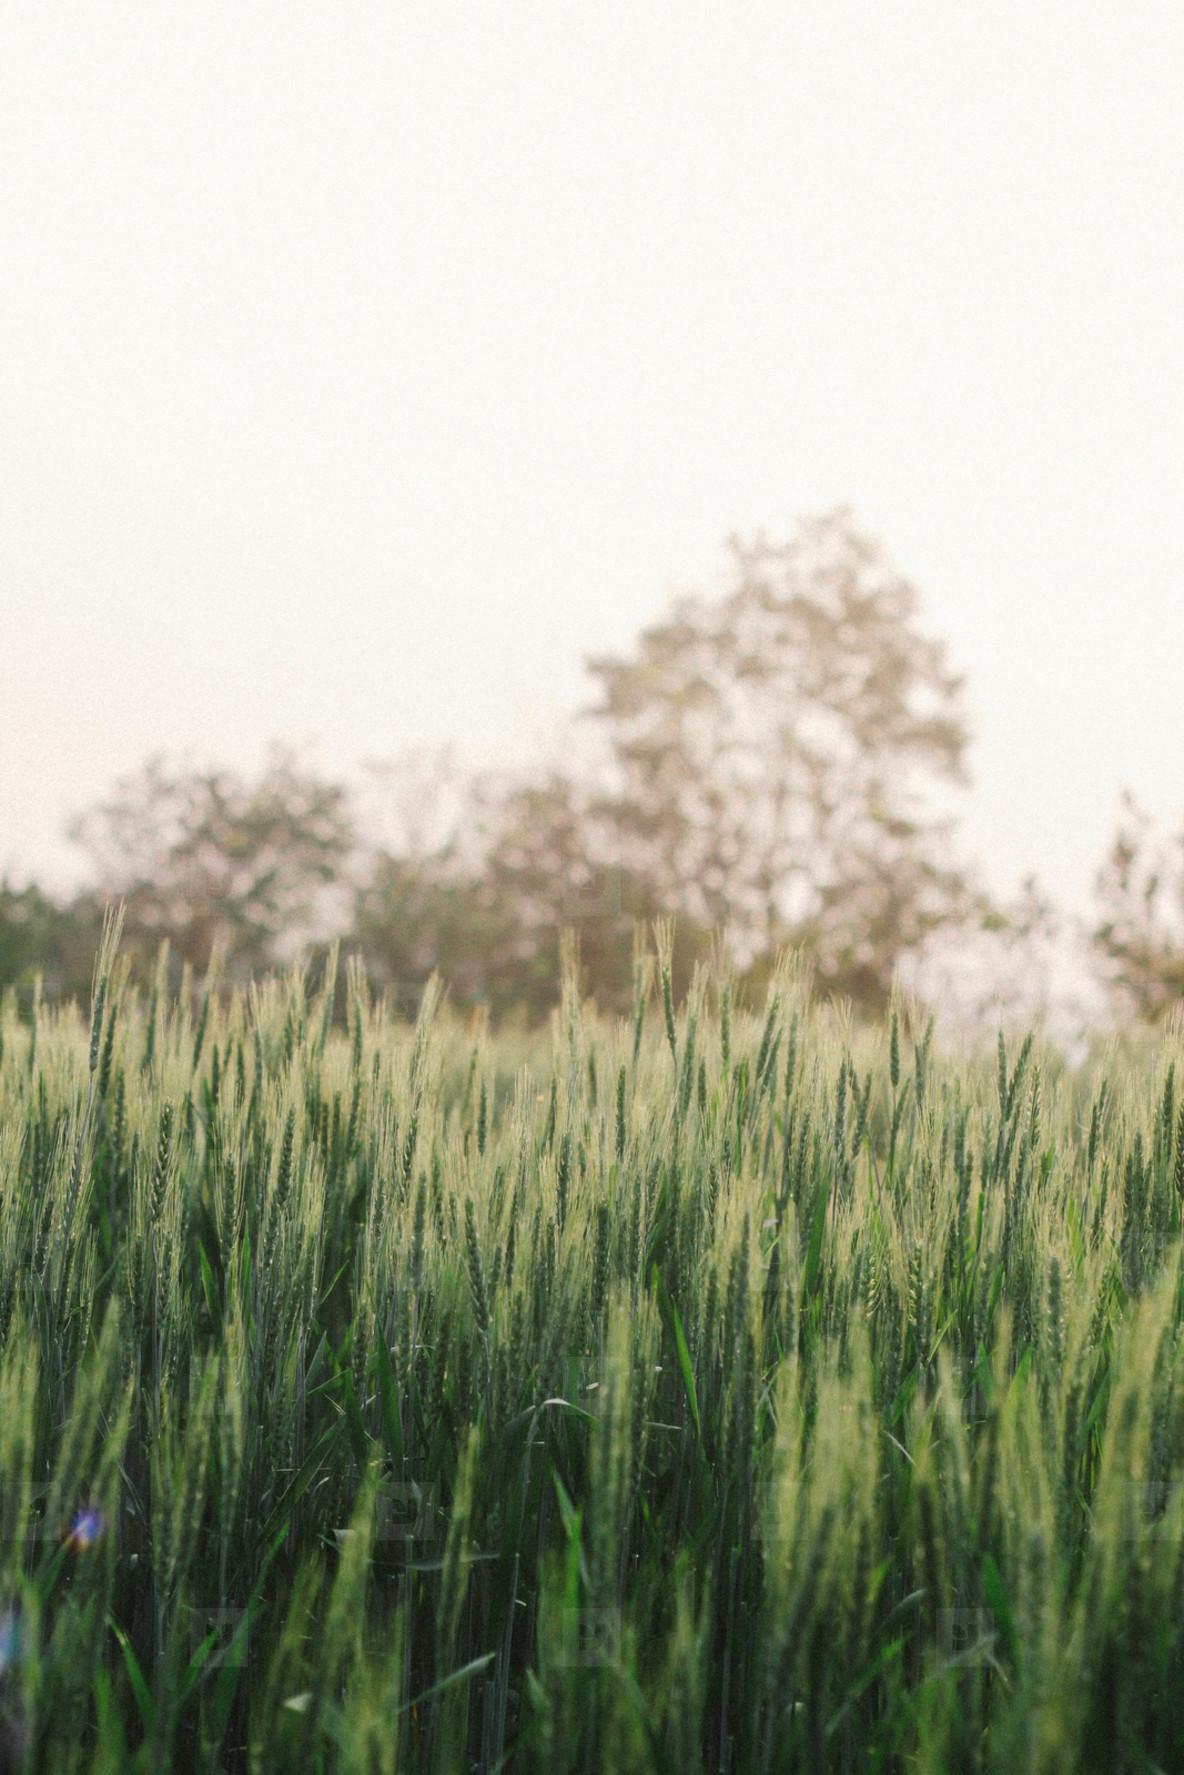 Wheat field  03